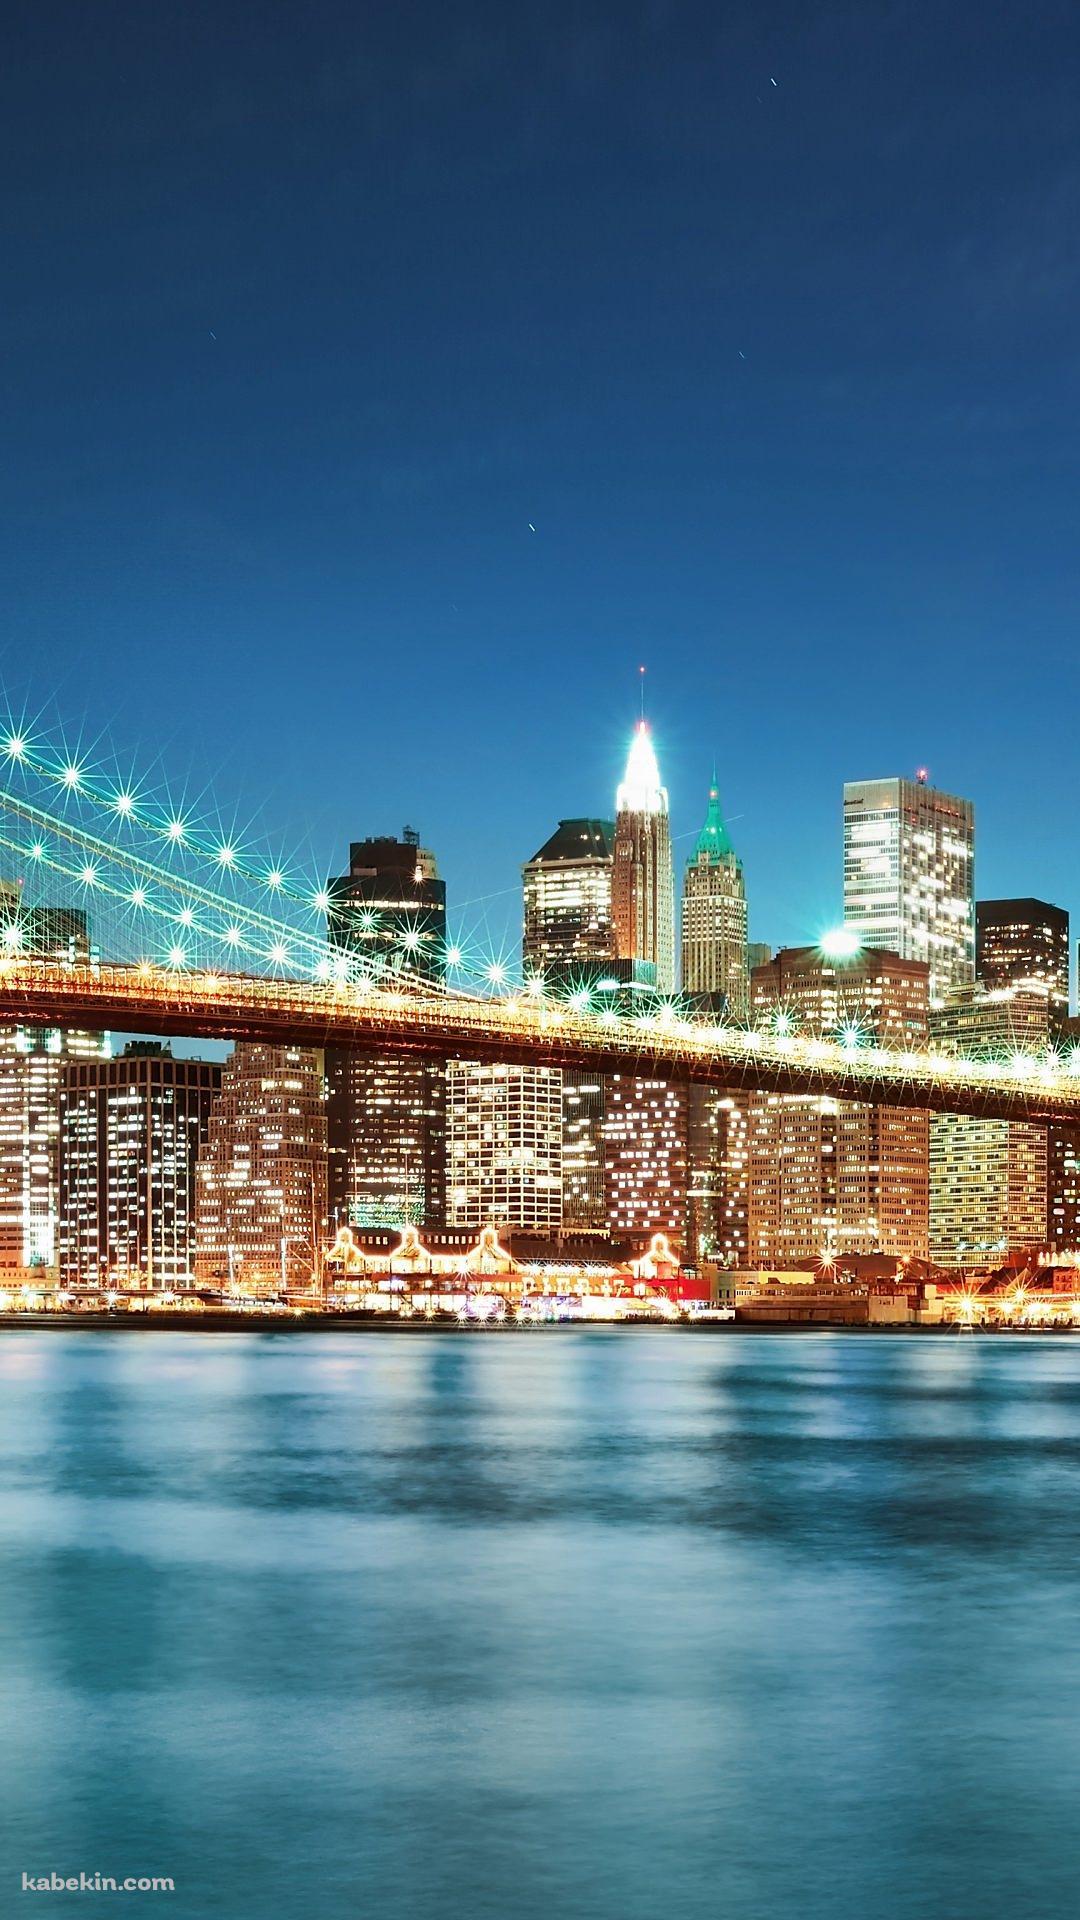 ニューヨークの夜景のandroid壁紙 1080 X 1920 壁紙キングダム スマホ版